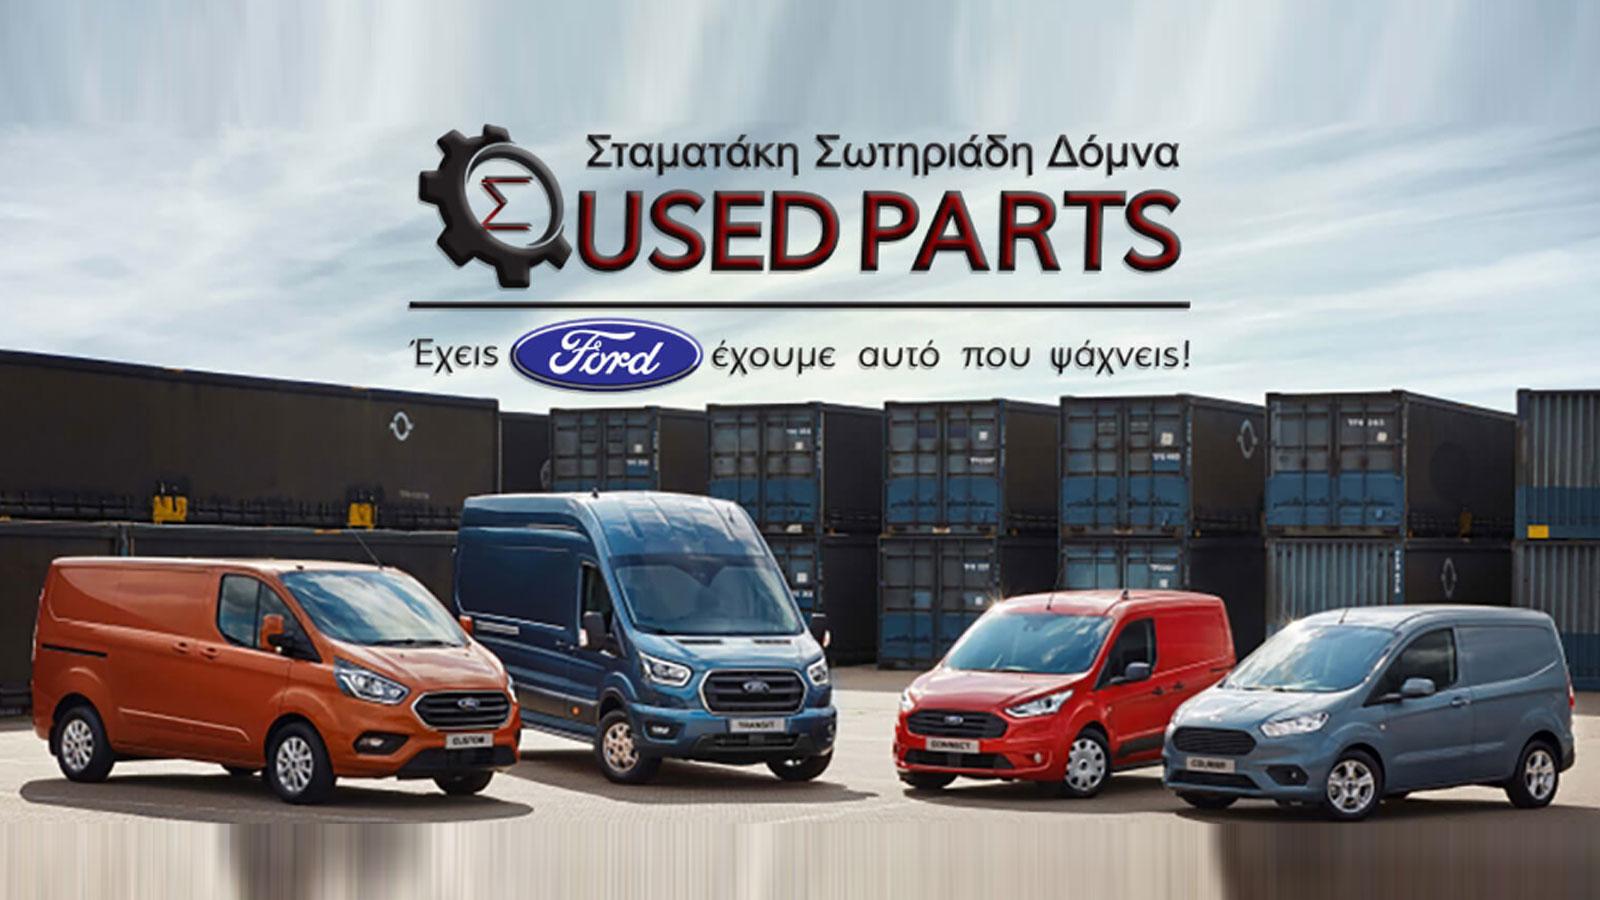 Ανταλλακτικά Ford Επαγγελματικά